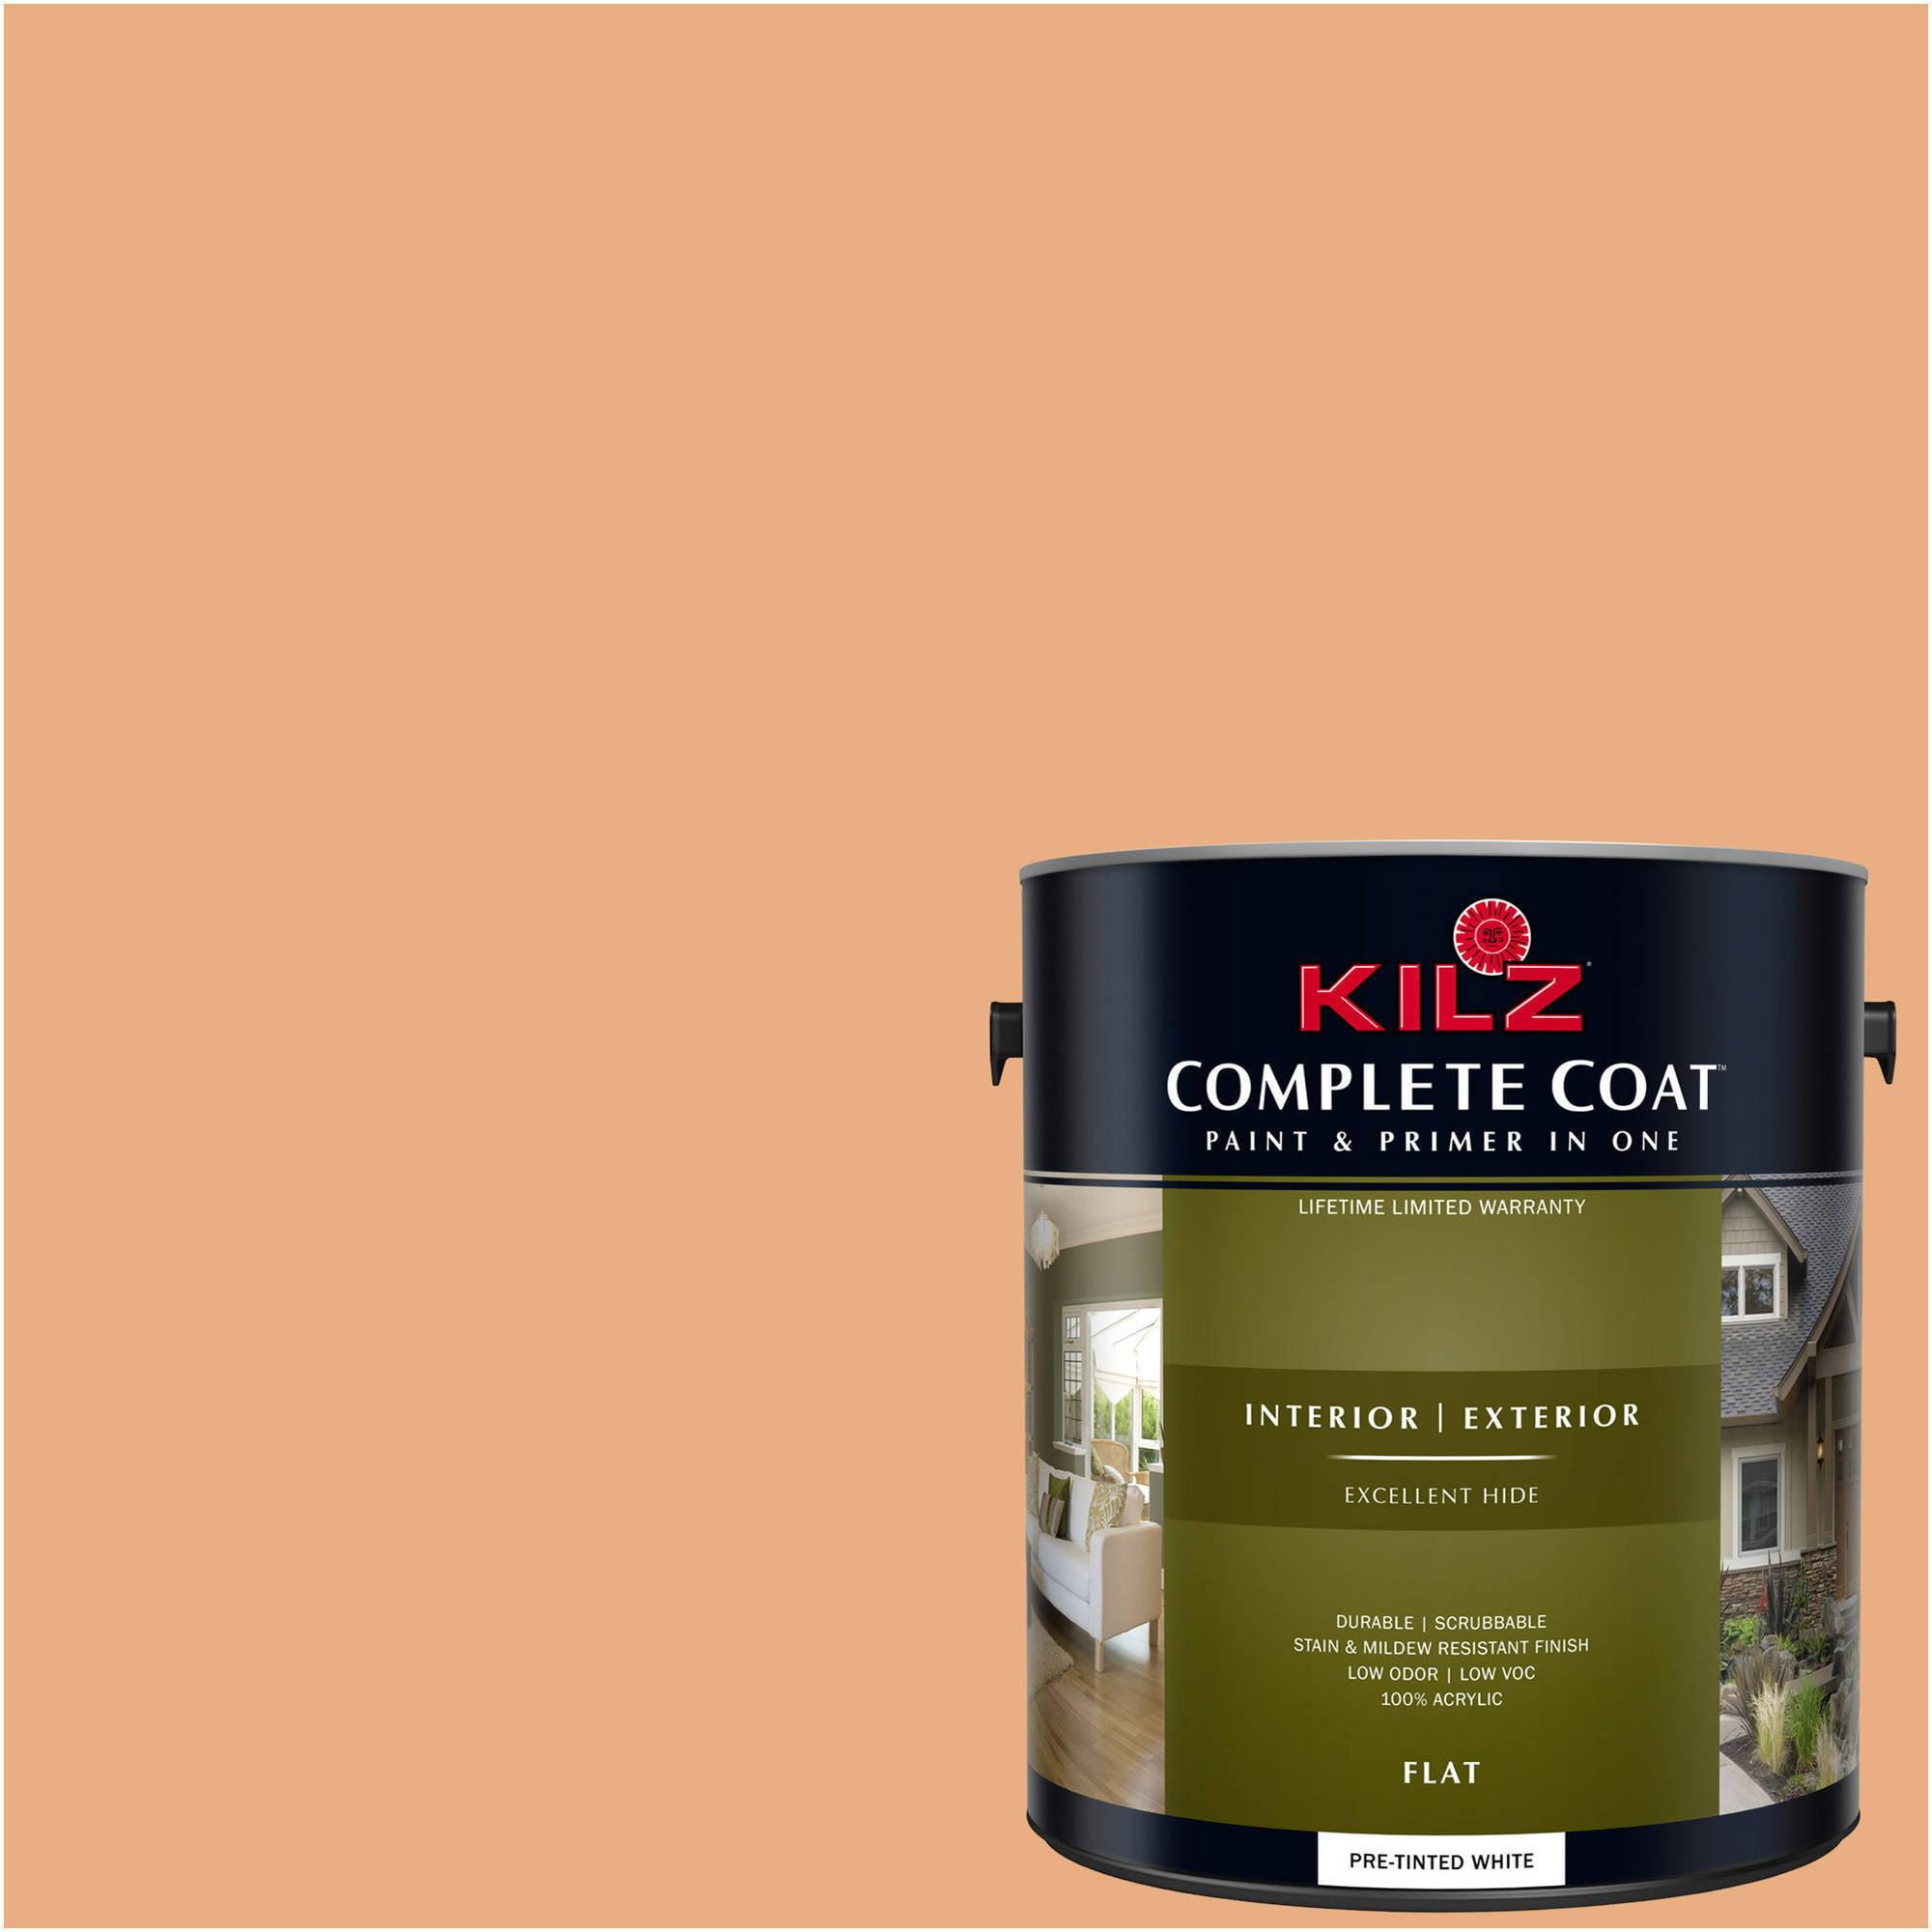 KILZ COMPLETE COAT Interior/Exterior Paint & Primer in One #LC140-01 Desert Vista